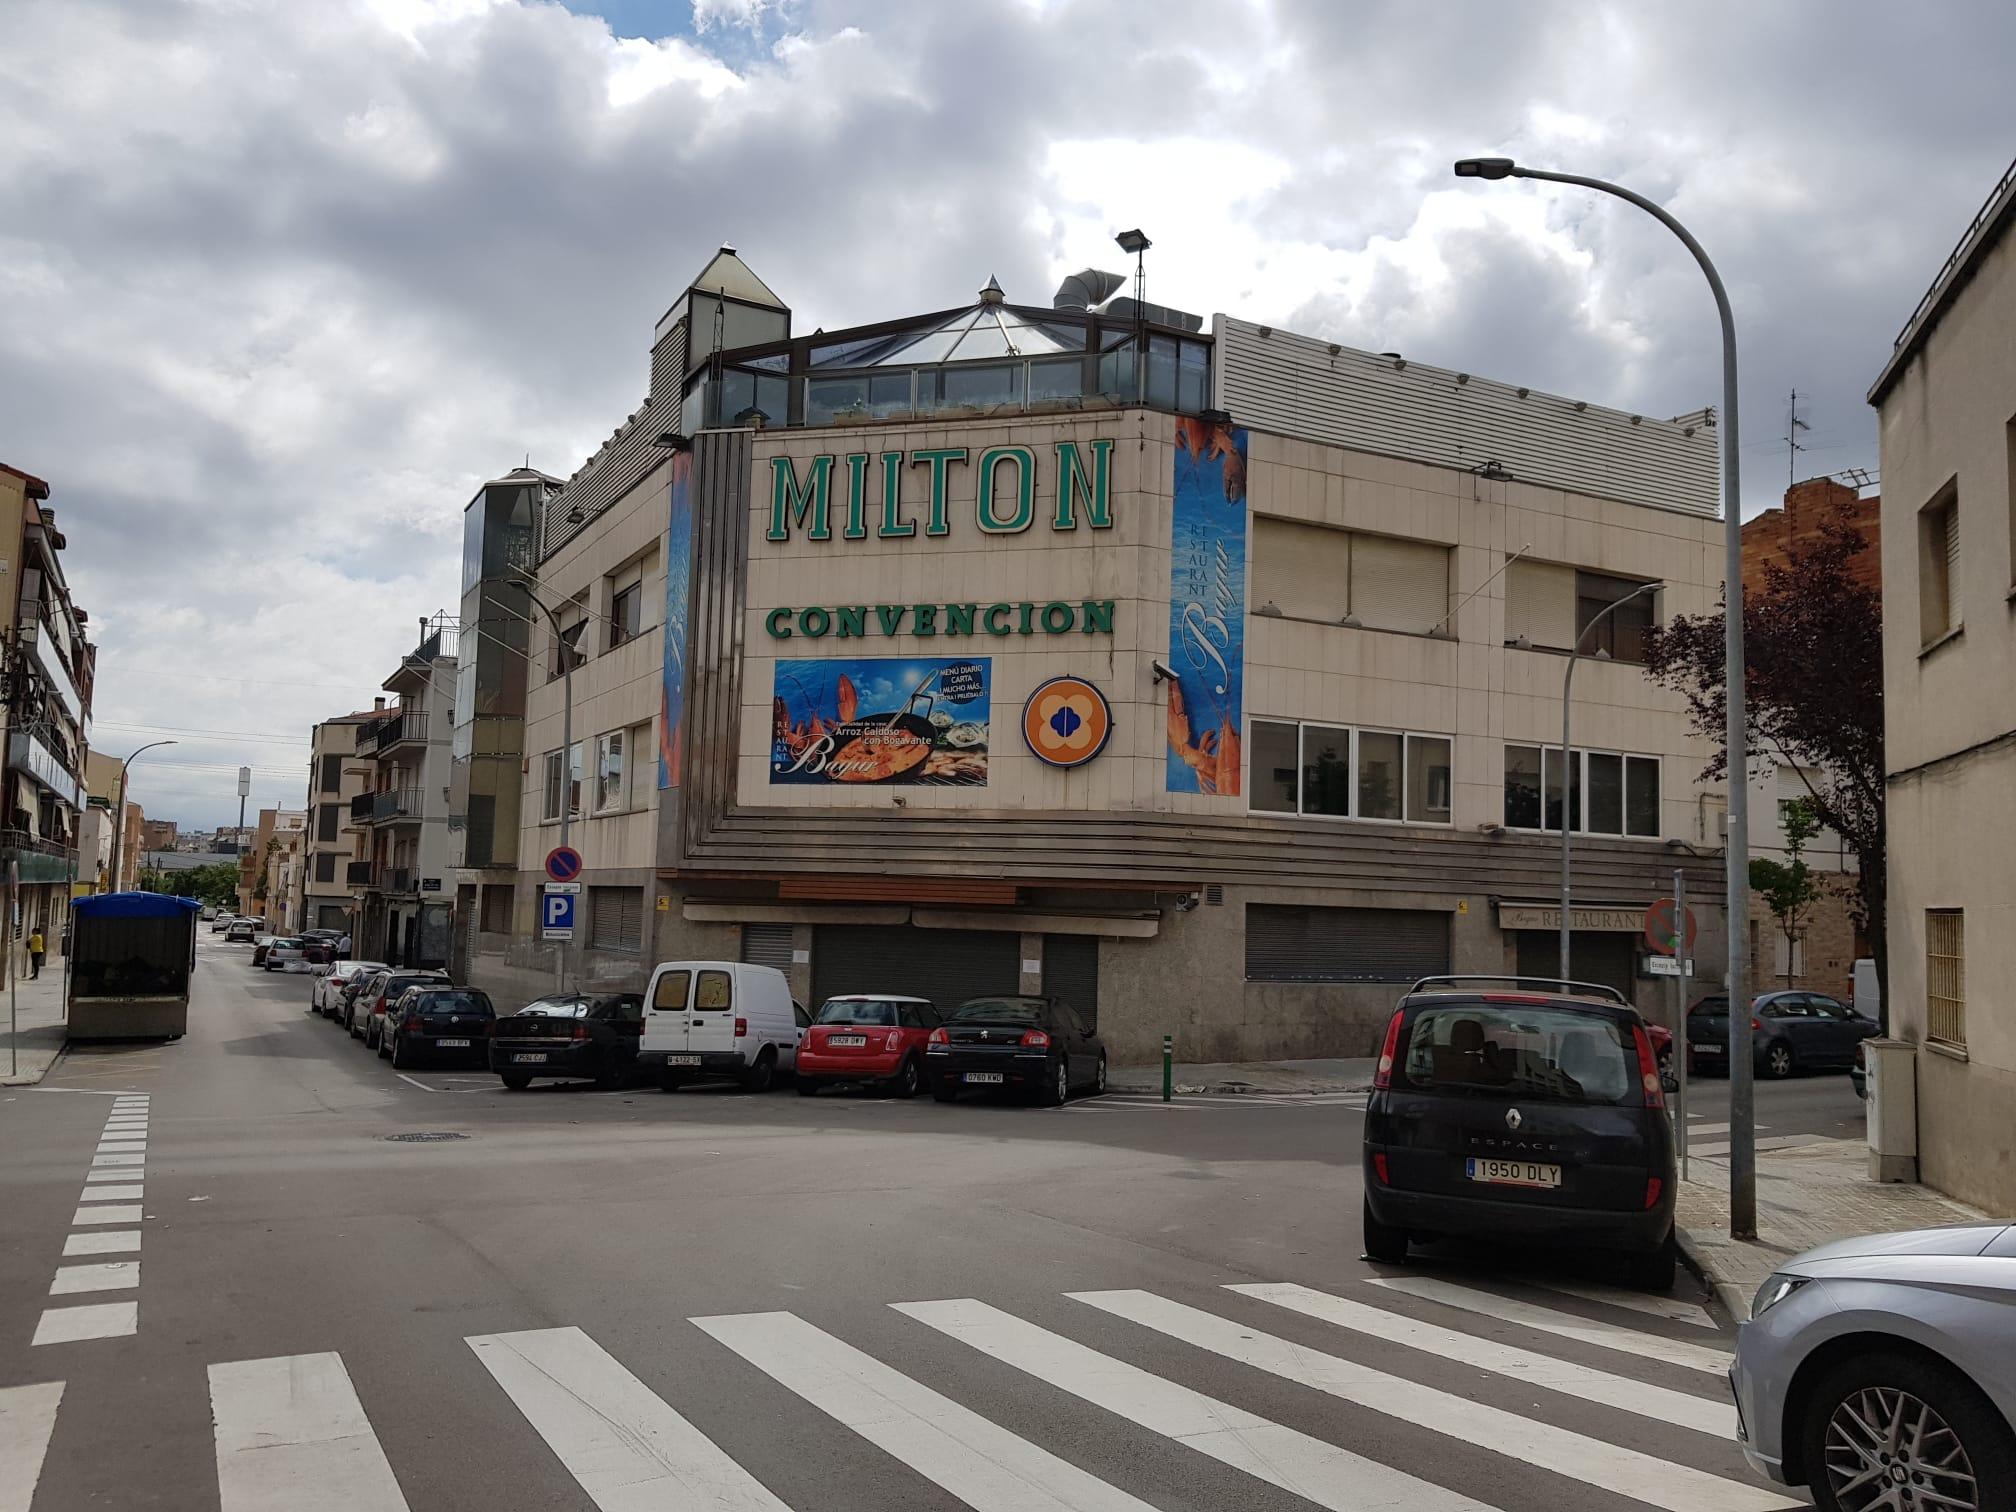 Milton Convention, al carrer San Cosme | Lluïsa Tarrida